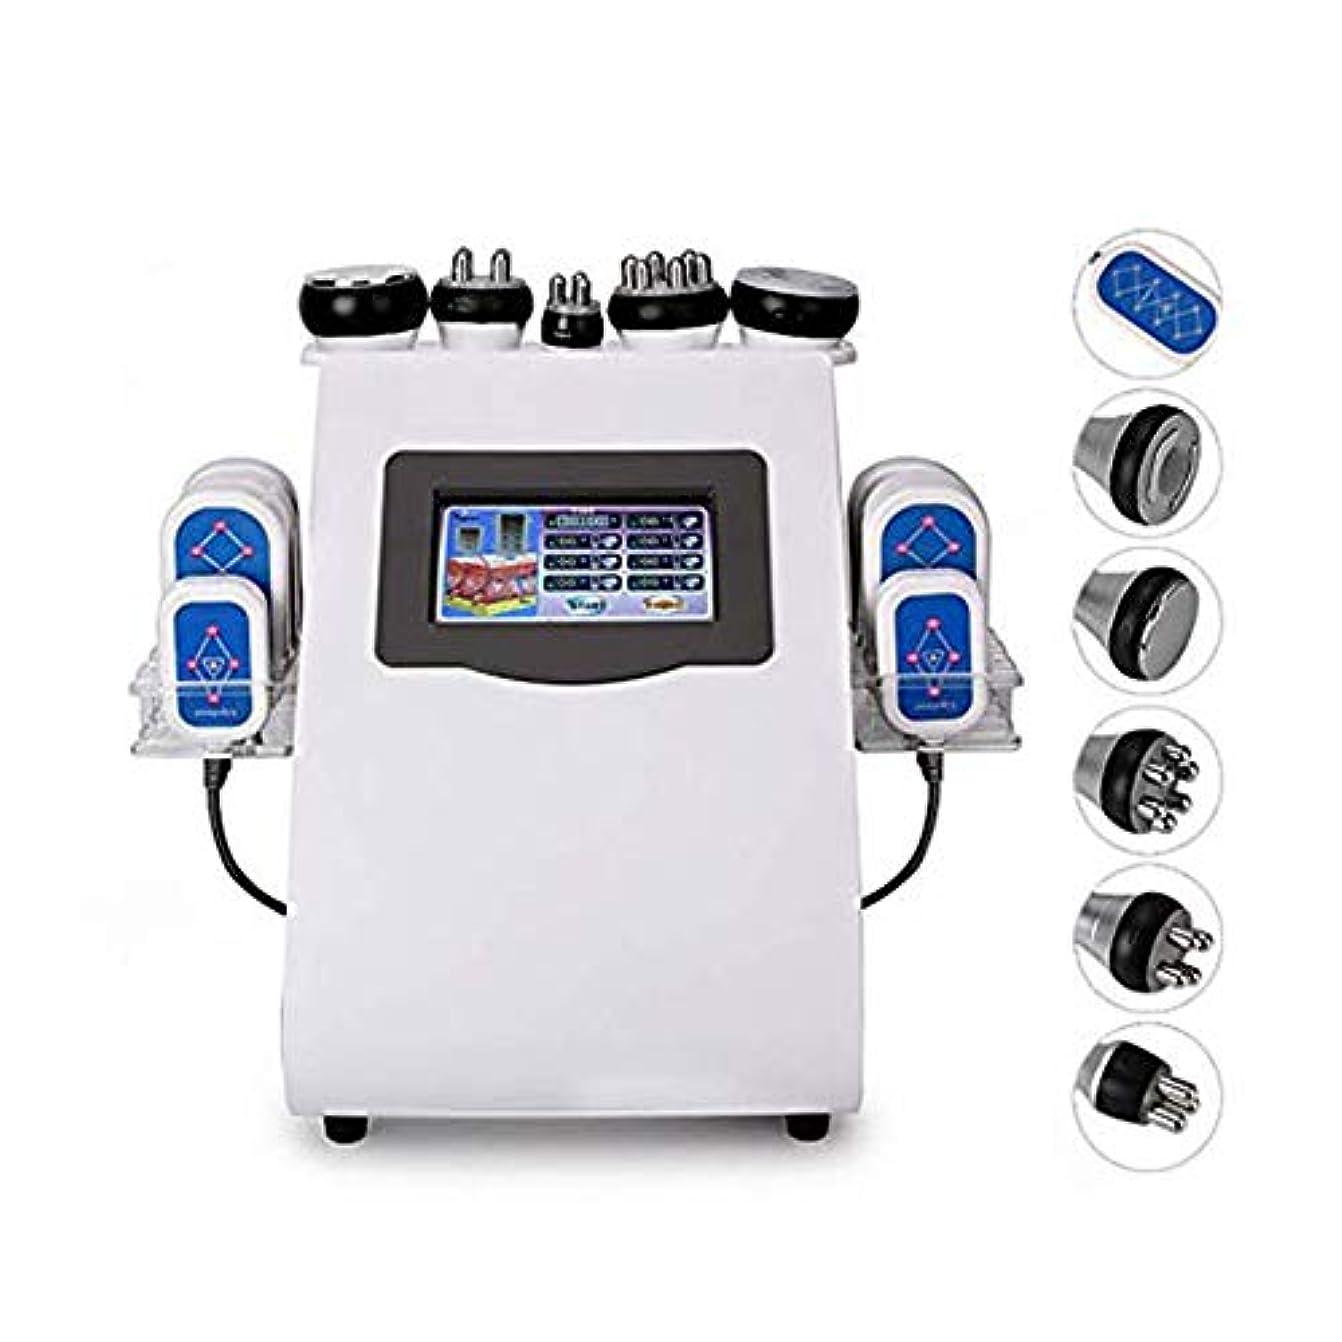 氷麻痺させる中古超音波キャビテーション抗セルライトネガティブボディ痩身マシン、脂肪燃焼と無線周波数アンチエイジングスキンリフティング引き締めしわ美容機器の除去